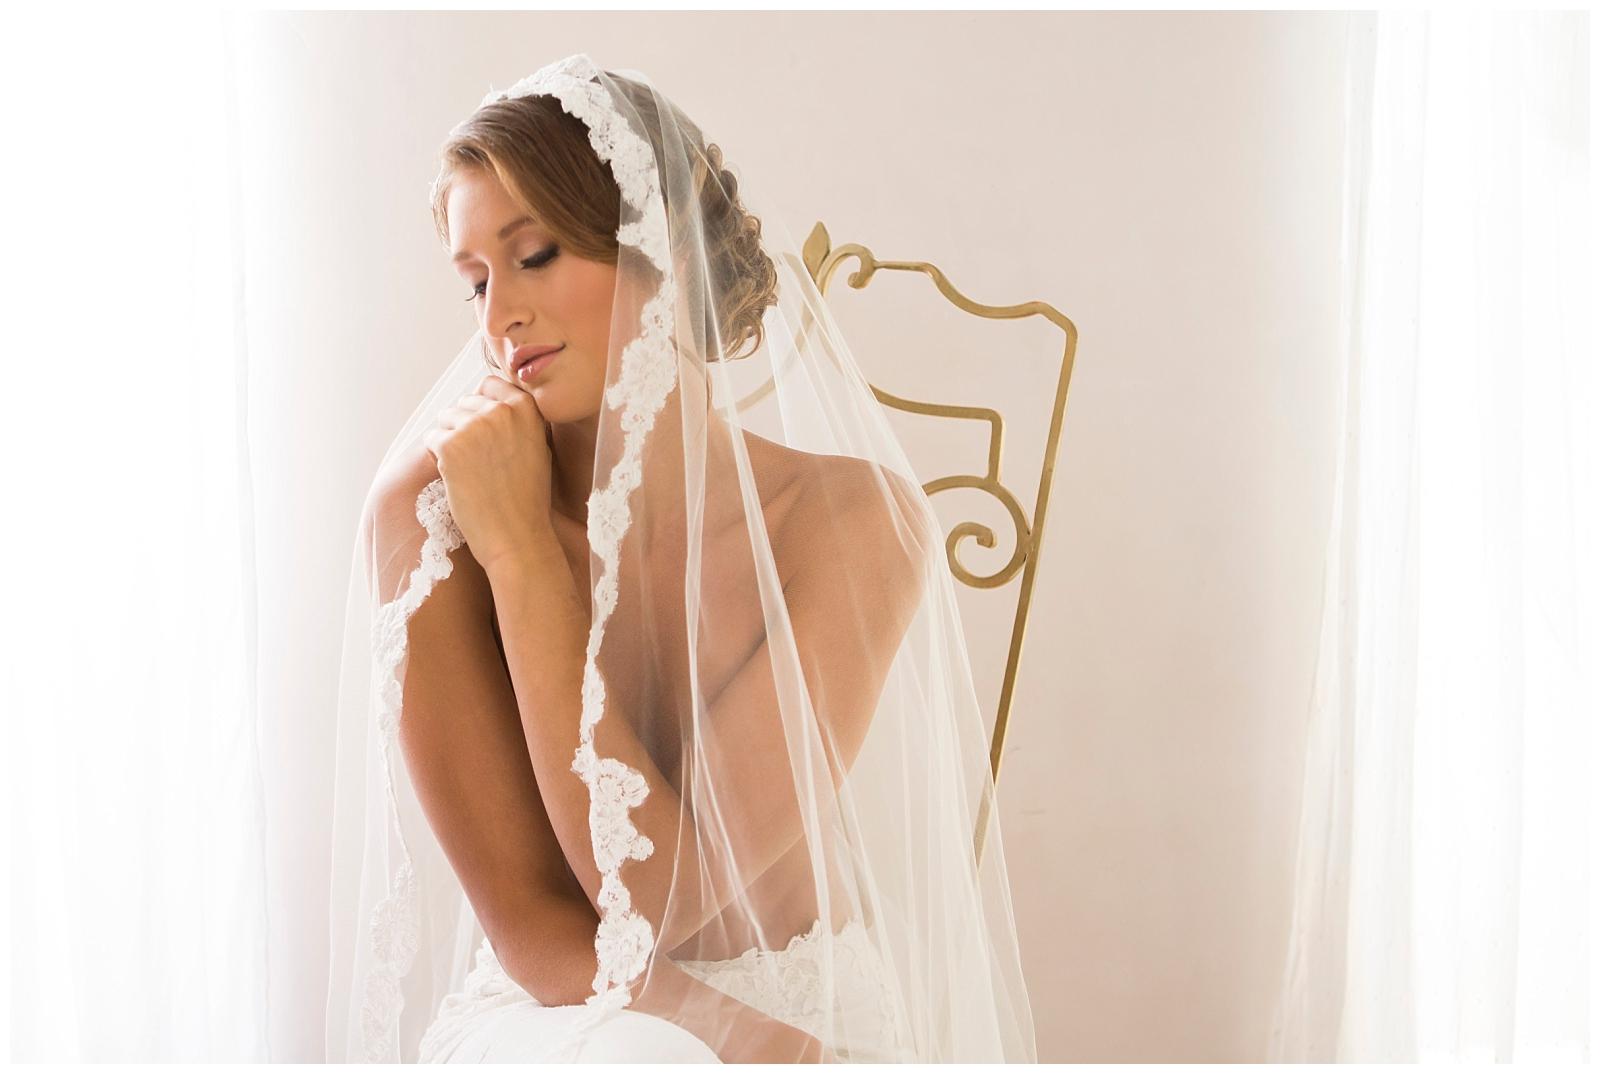 Bridal-Veil-inspiration-Epiphany-Boutique-boudoir-Carol-Oliva-Photography.jpg